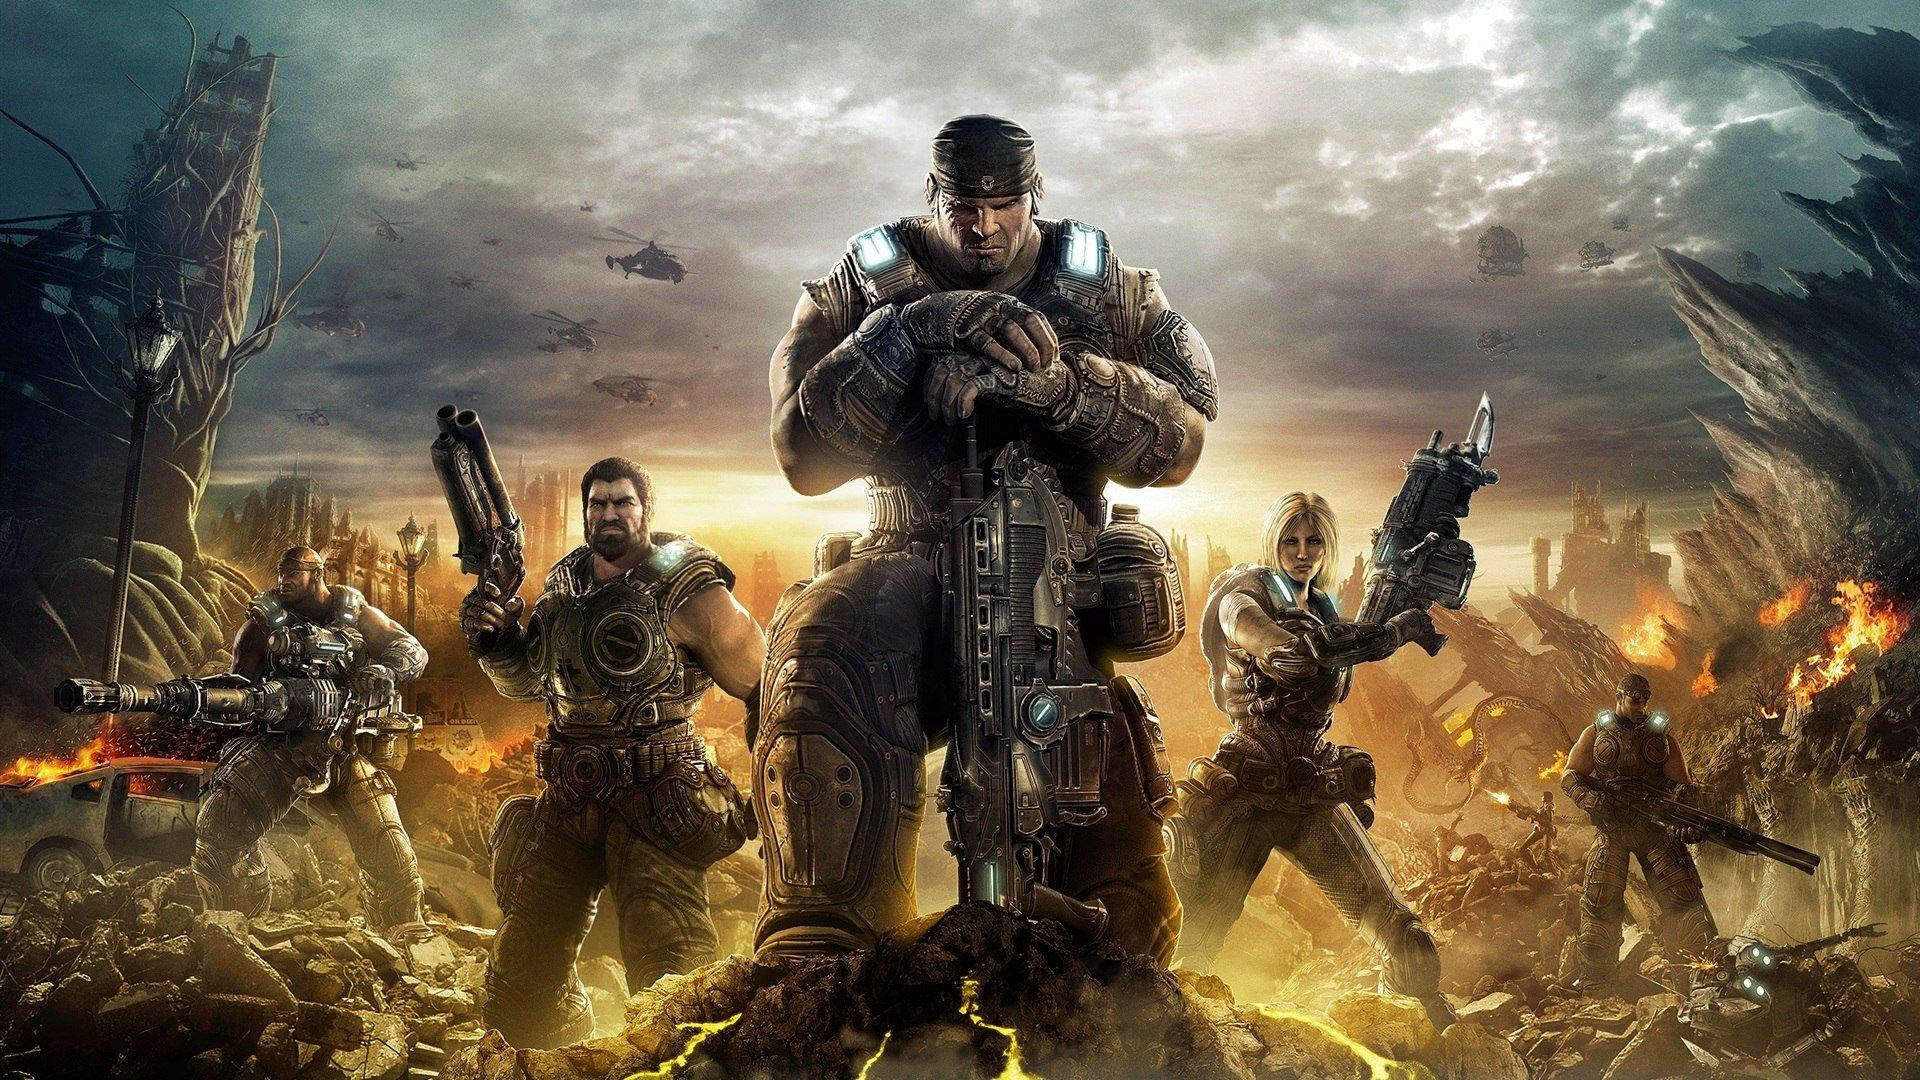 Прошла Gears Of War 3. Очень люблю эту прекрасную игровую серию. Были моменты где хохотала, безмерно удивлялась и да ... - Изображение 1